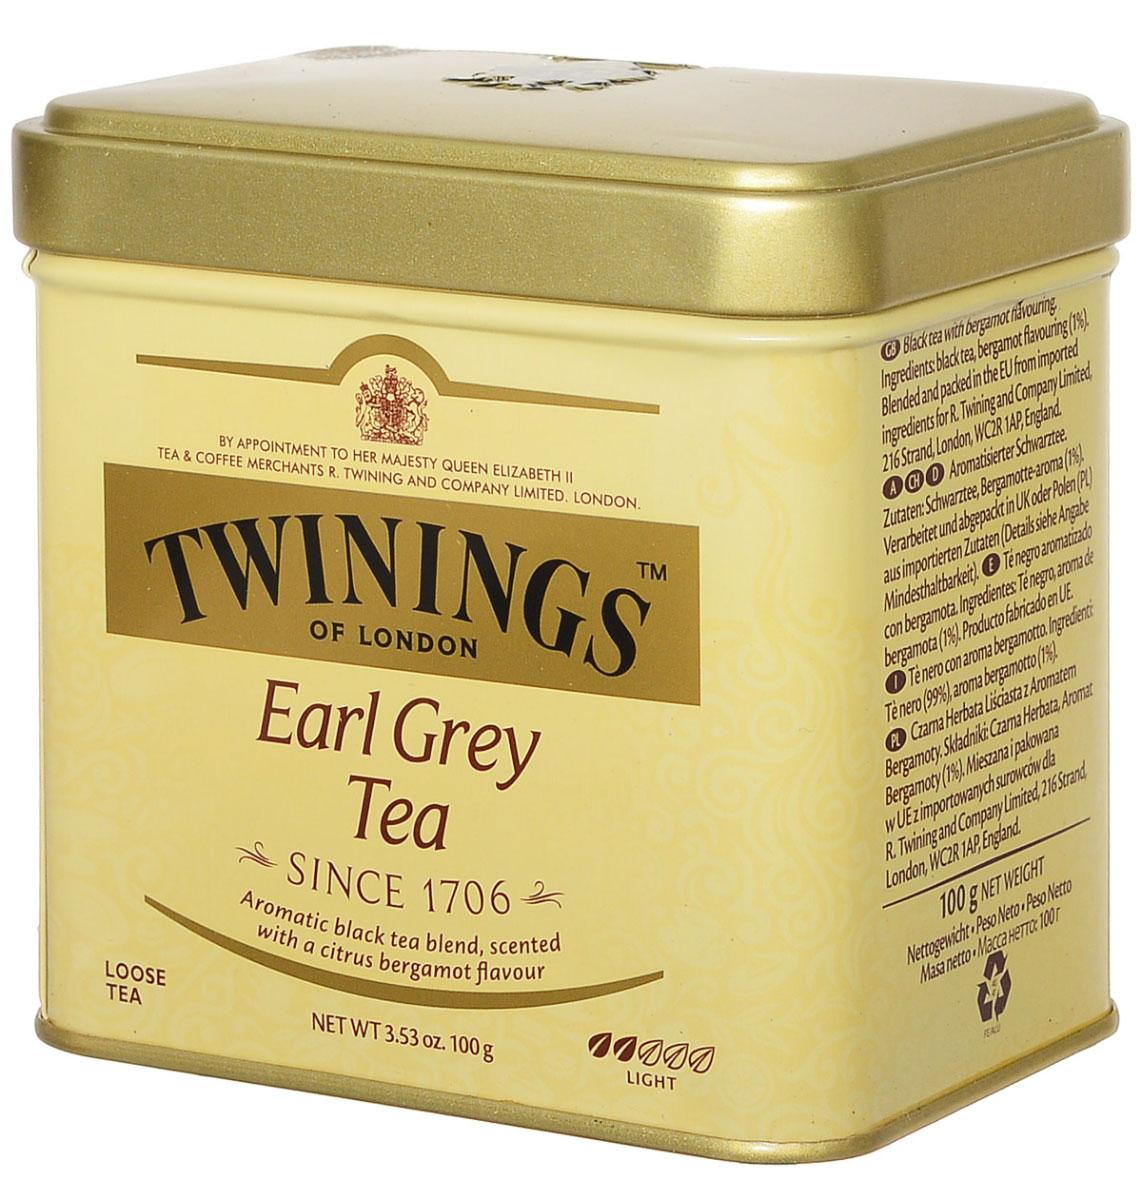 Twinings Earl Grey чай черный листовой, 100 г02295Черный чай Twinings Earl Grey является неотъемлемой частью традиционного английского чаепития. Насыщенный черный чай, ароматизированный натуральным маслом из кожуры бергамота, дает яркий настой со сладким ароматом и цитрусовым привкусом.